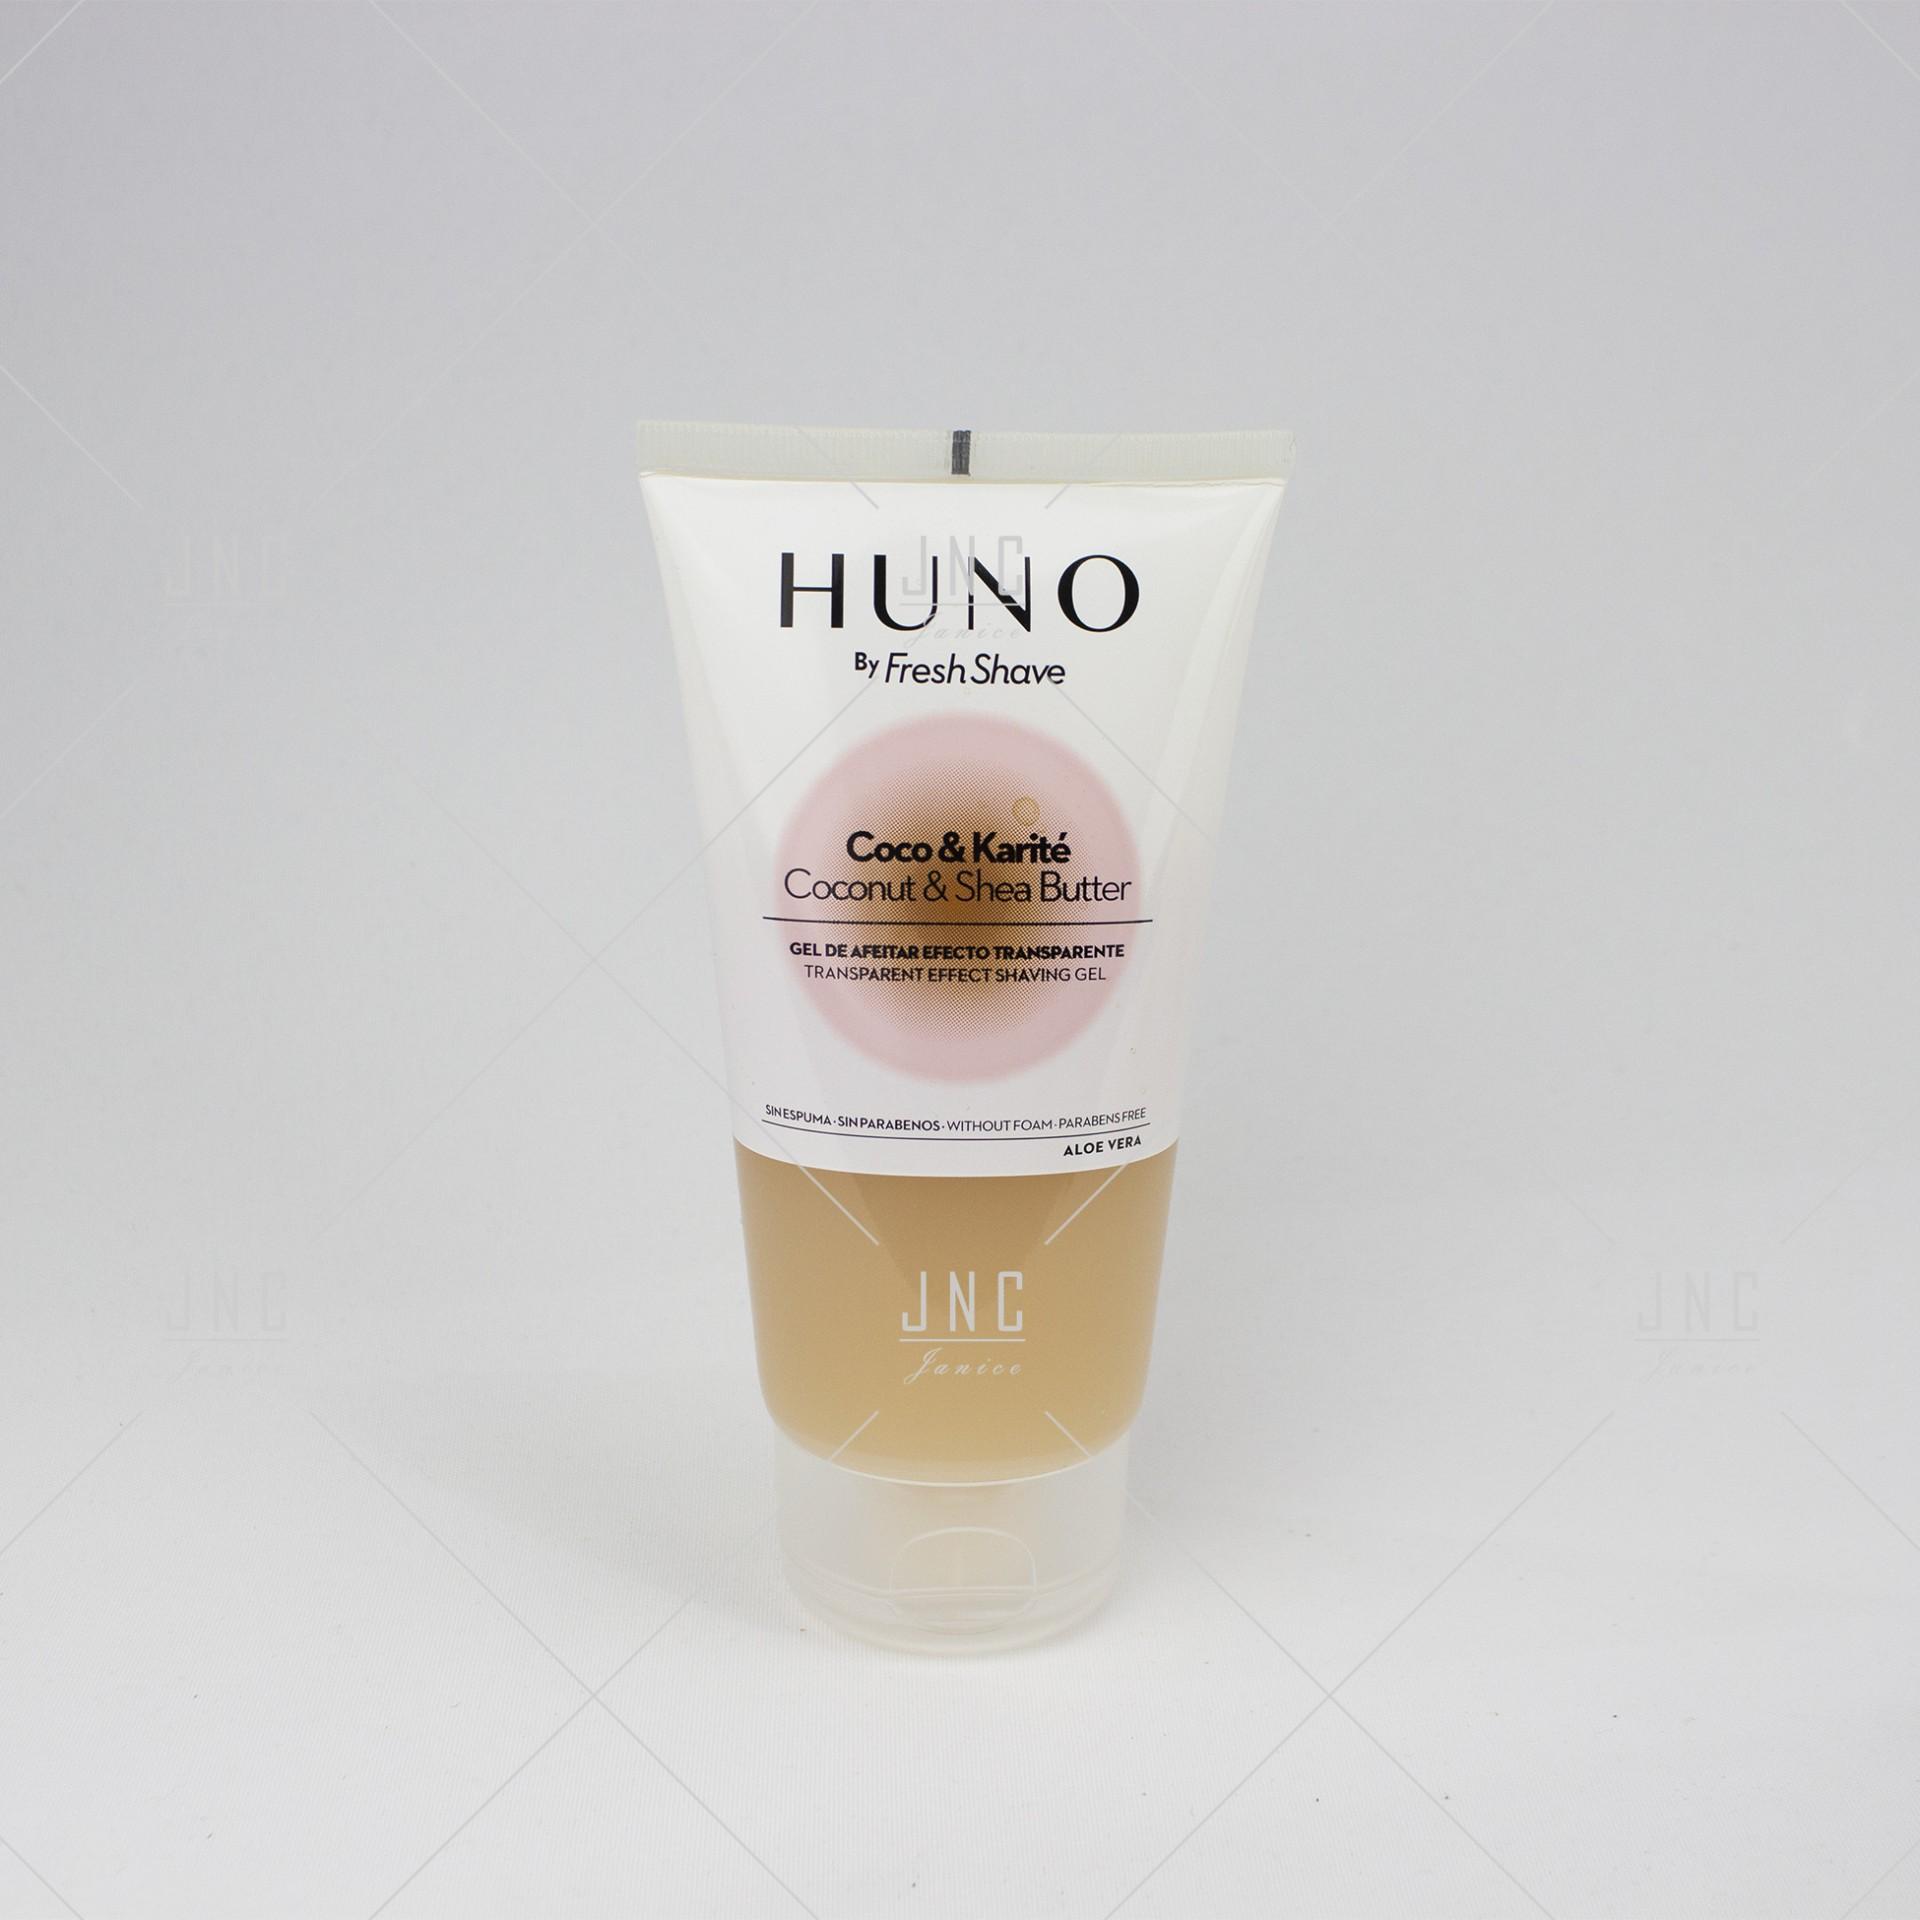 Gel de Barbear - Coconut & Shea Butter - Huno 150ml | Ref.490039